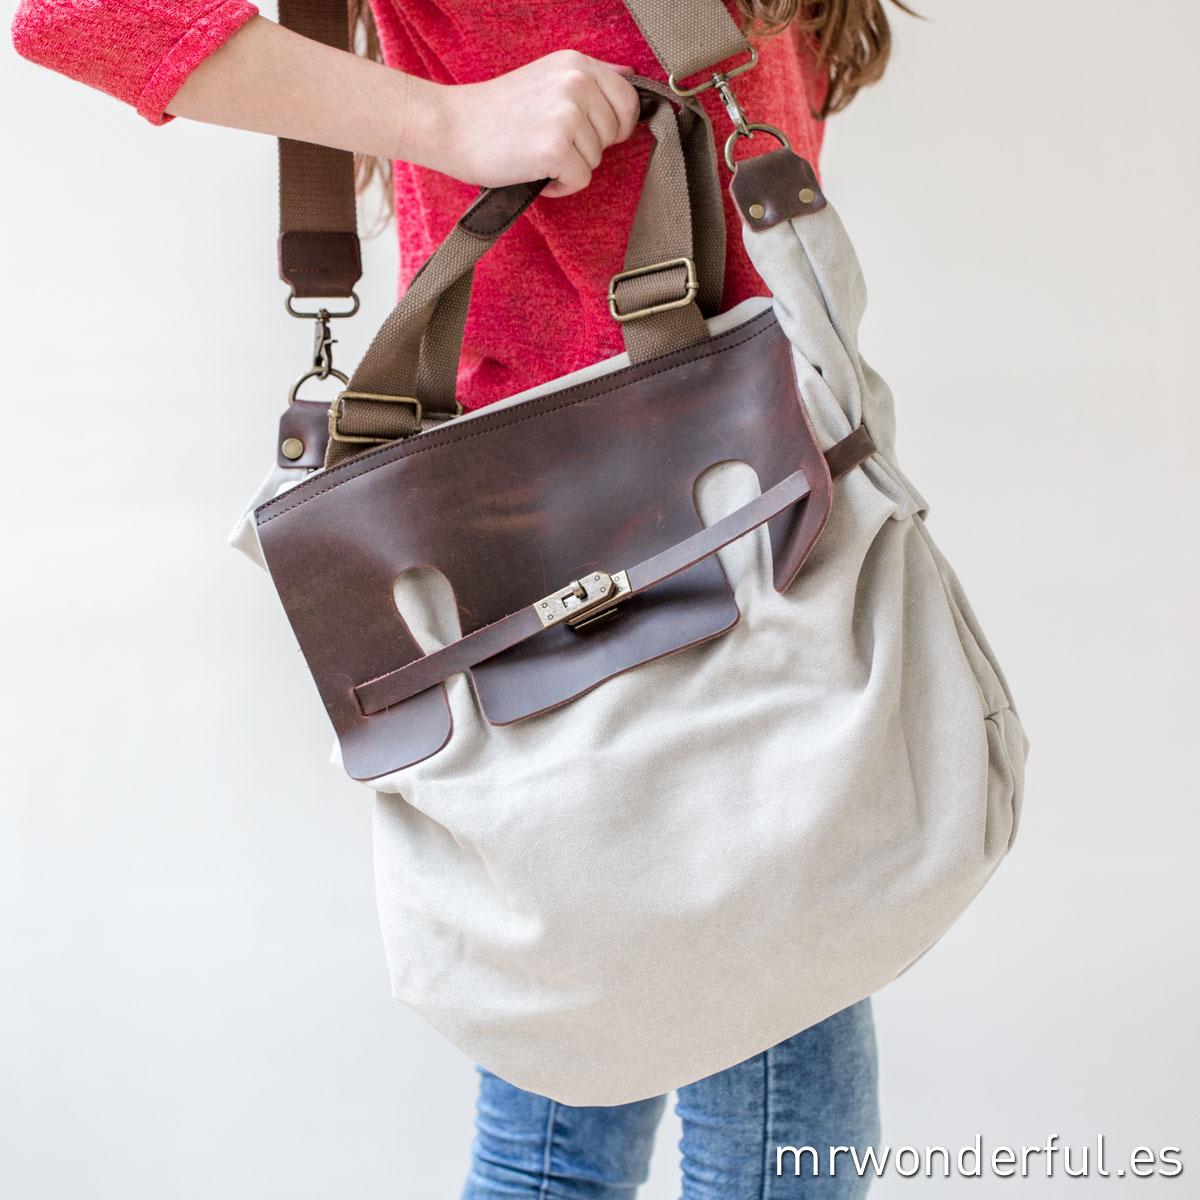 mrwonderful_bags_W2042-Beige-61